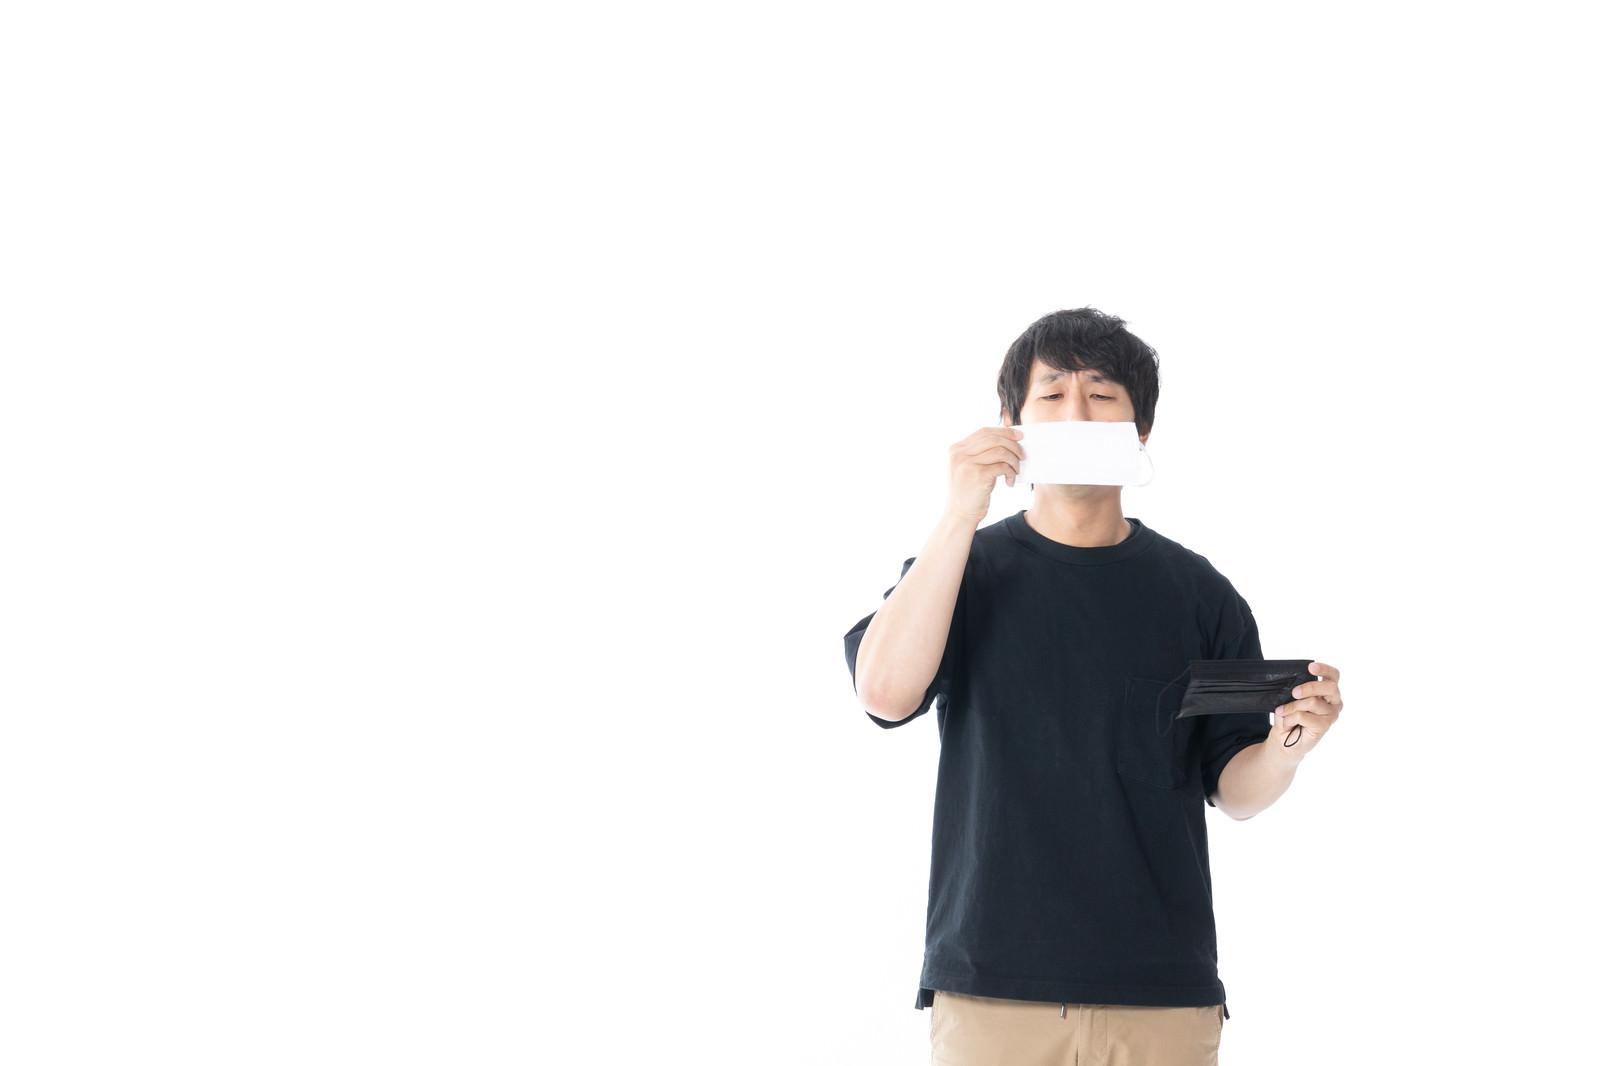 「口元を隠すなら白マスクがいい」の写真